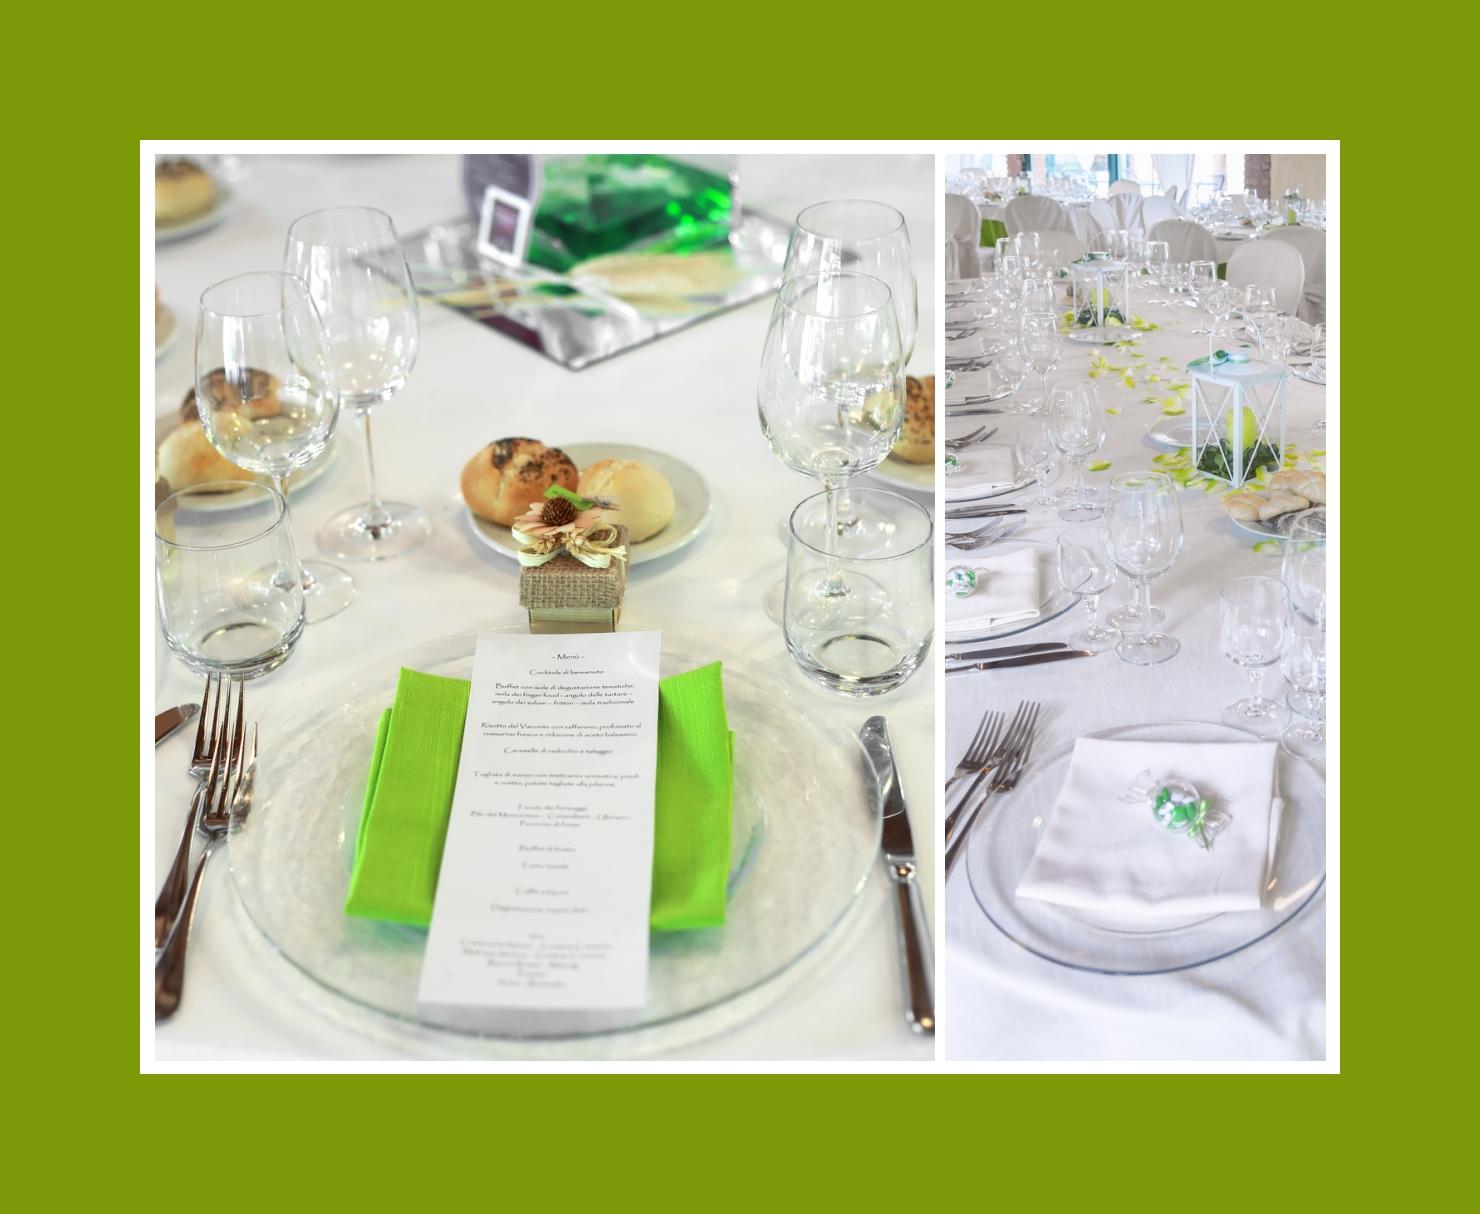 Grüne Servietten auf Glastellern